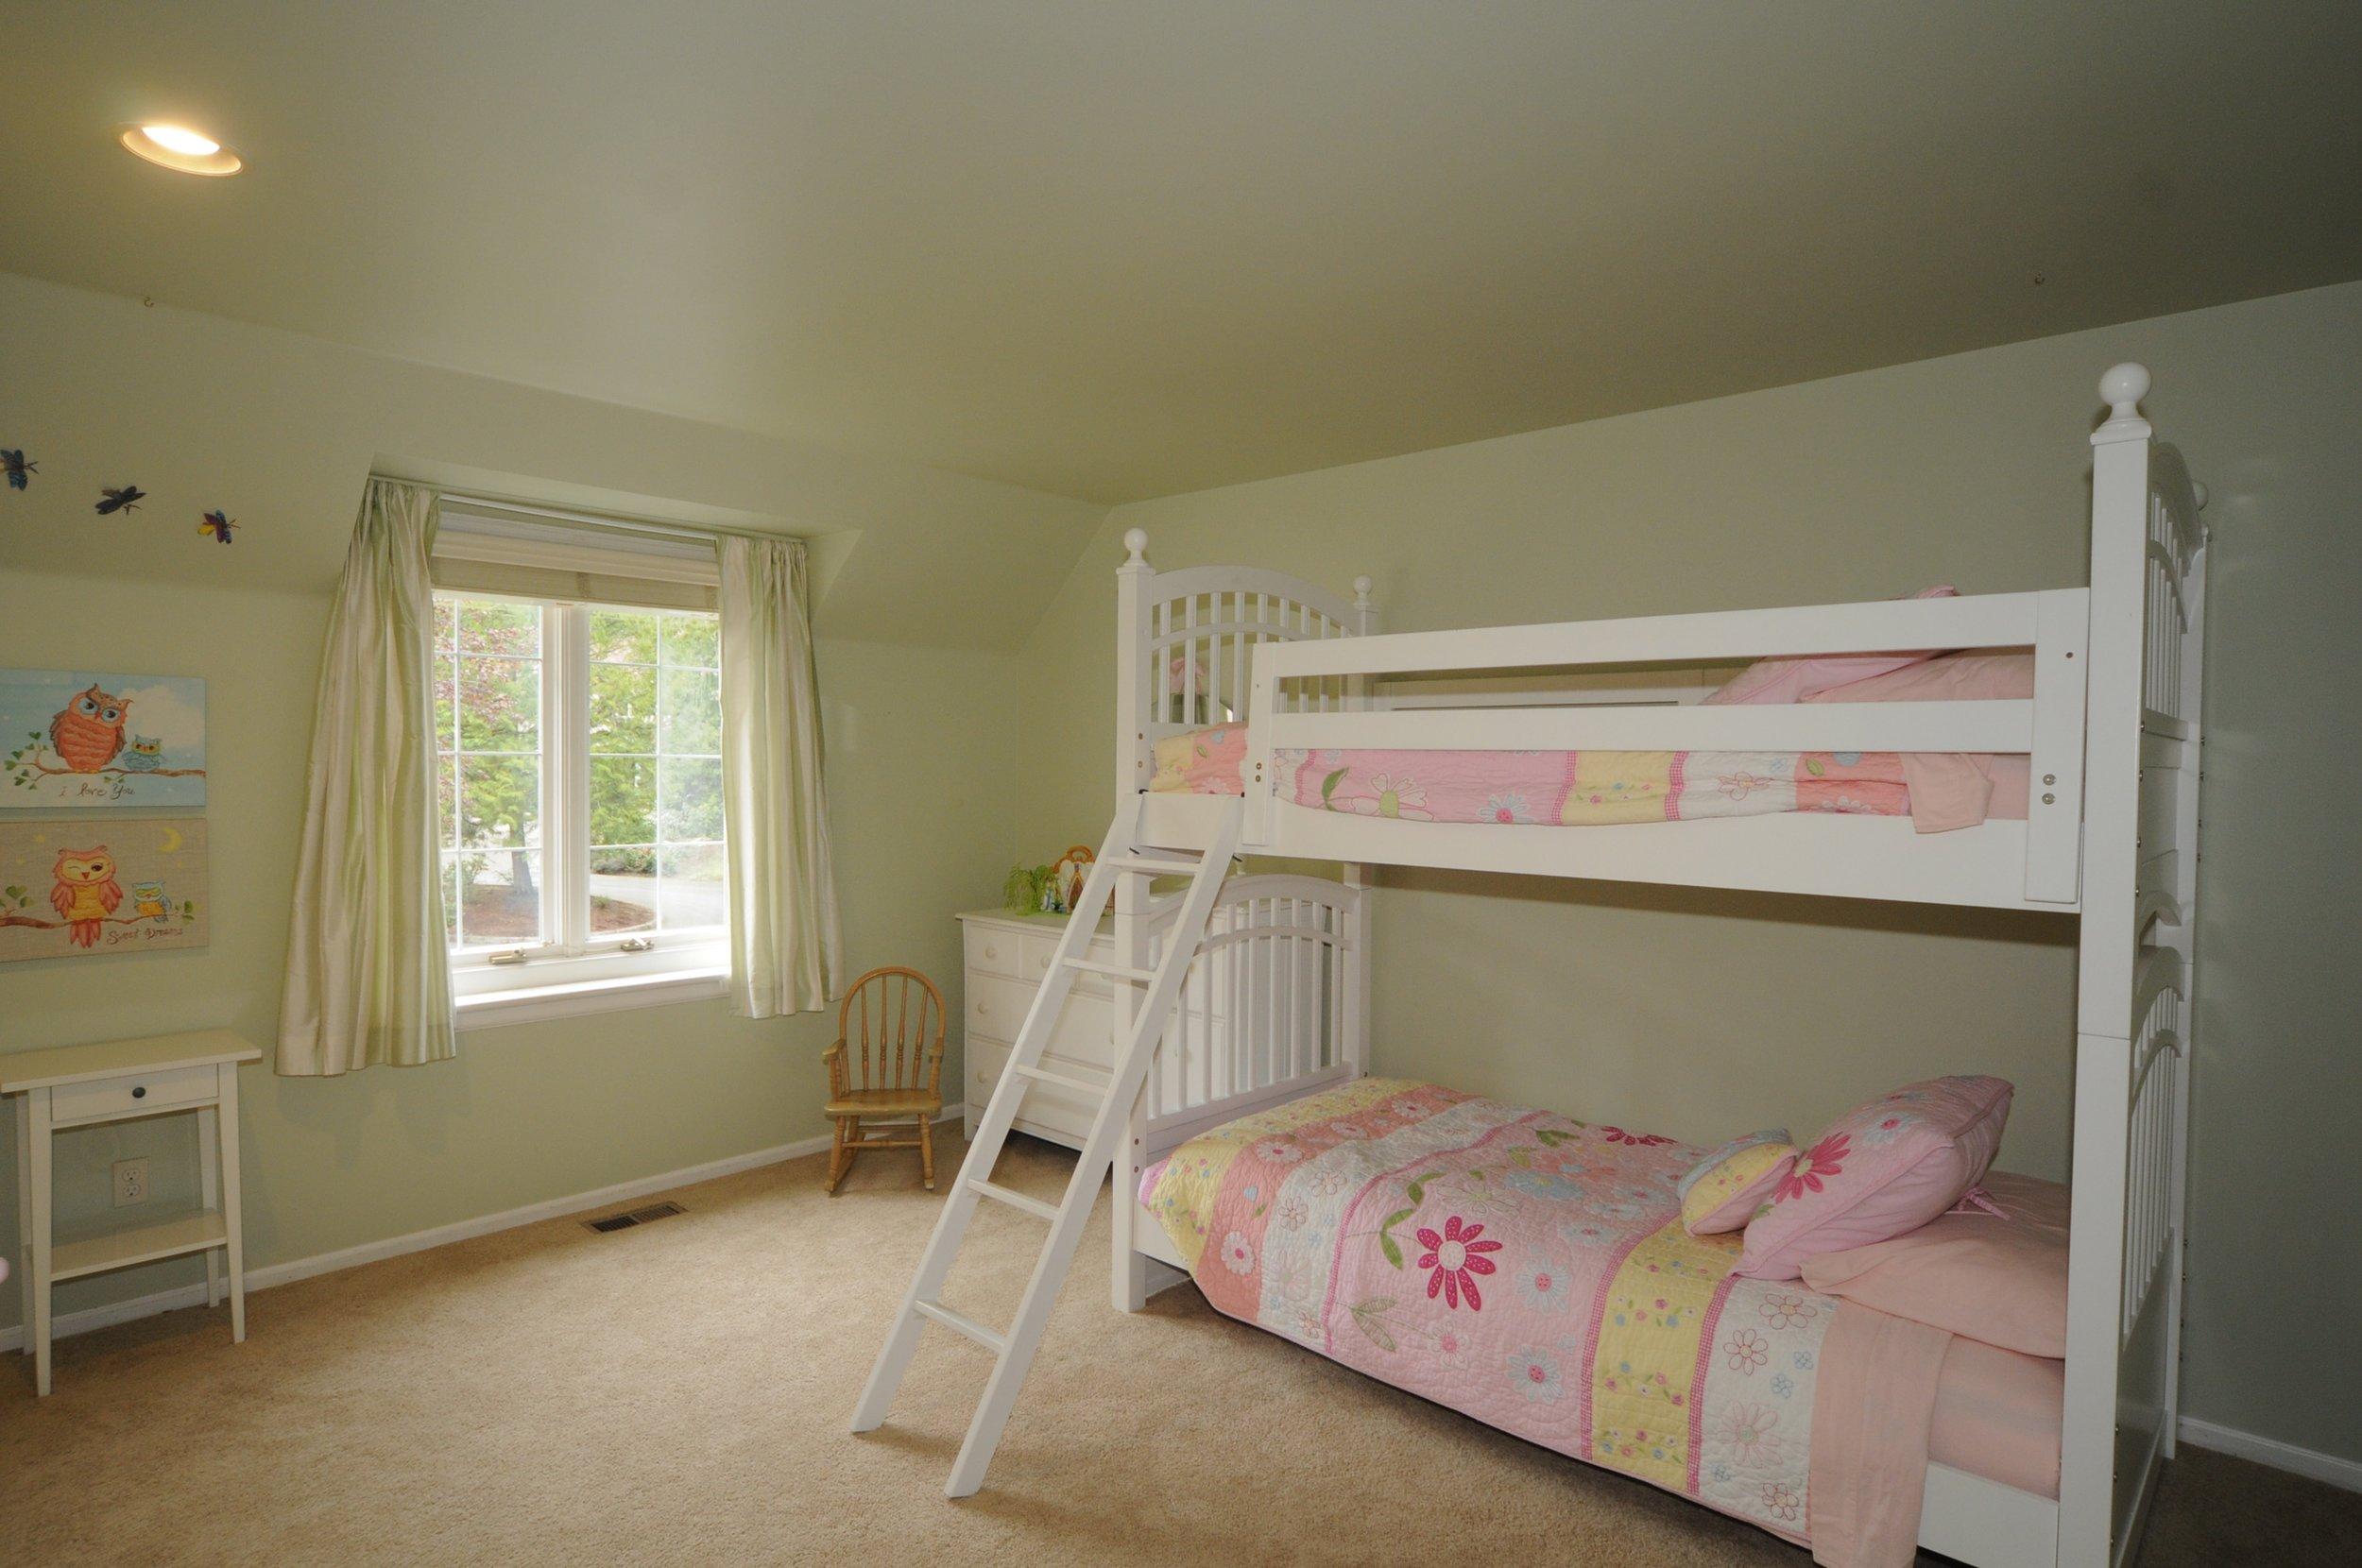 redmond_buchan_guest room 2.jpg